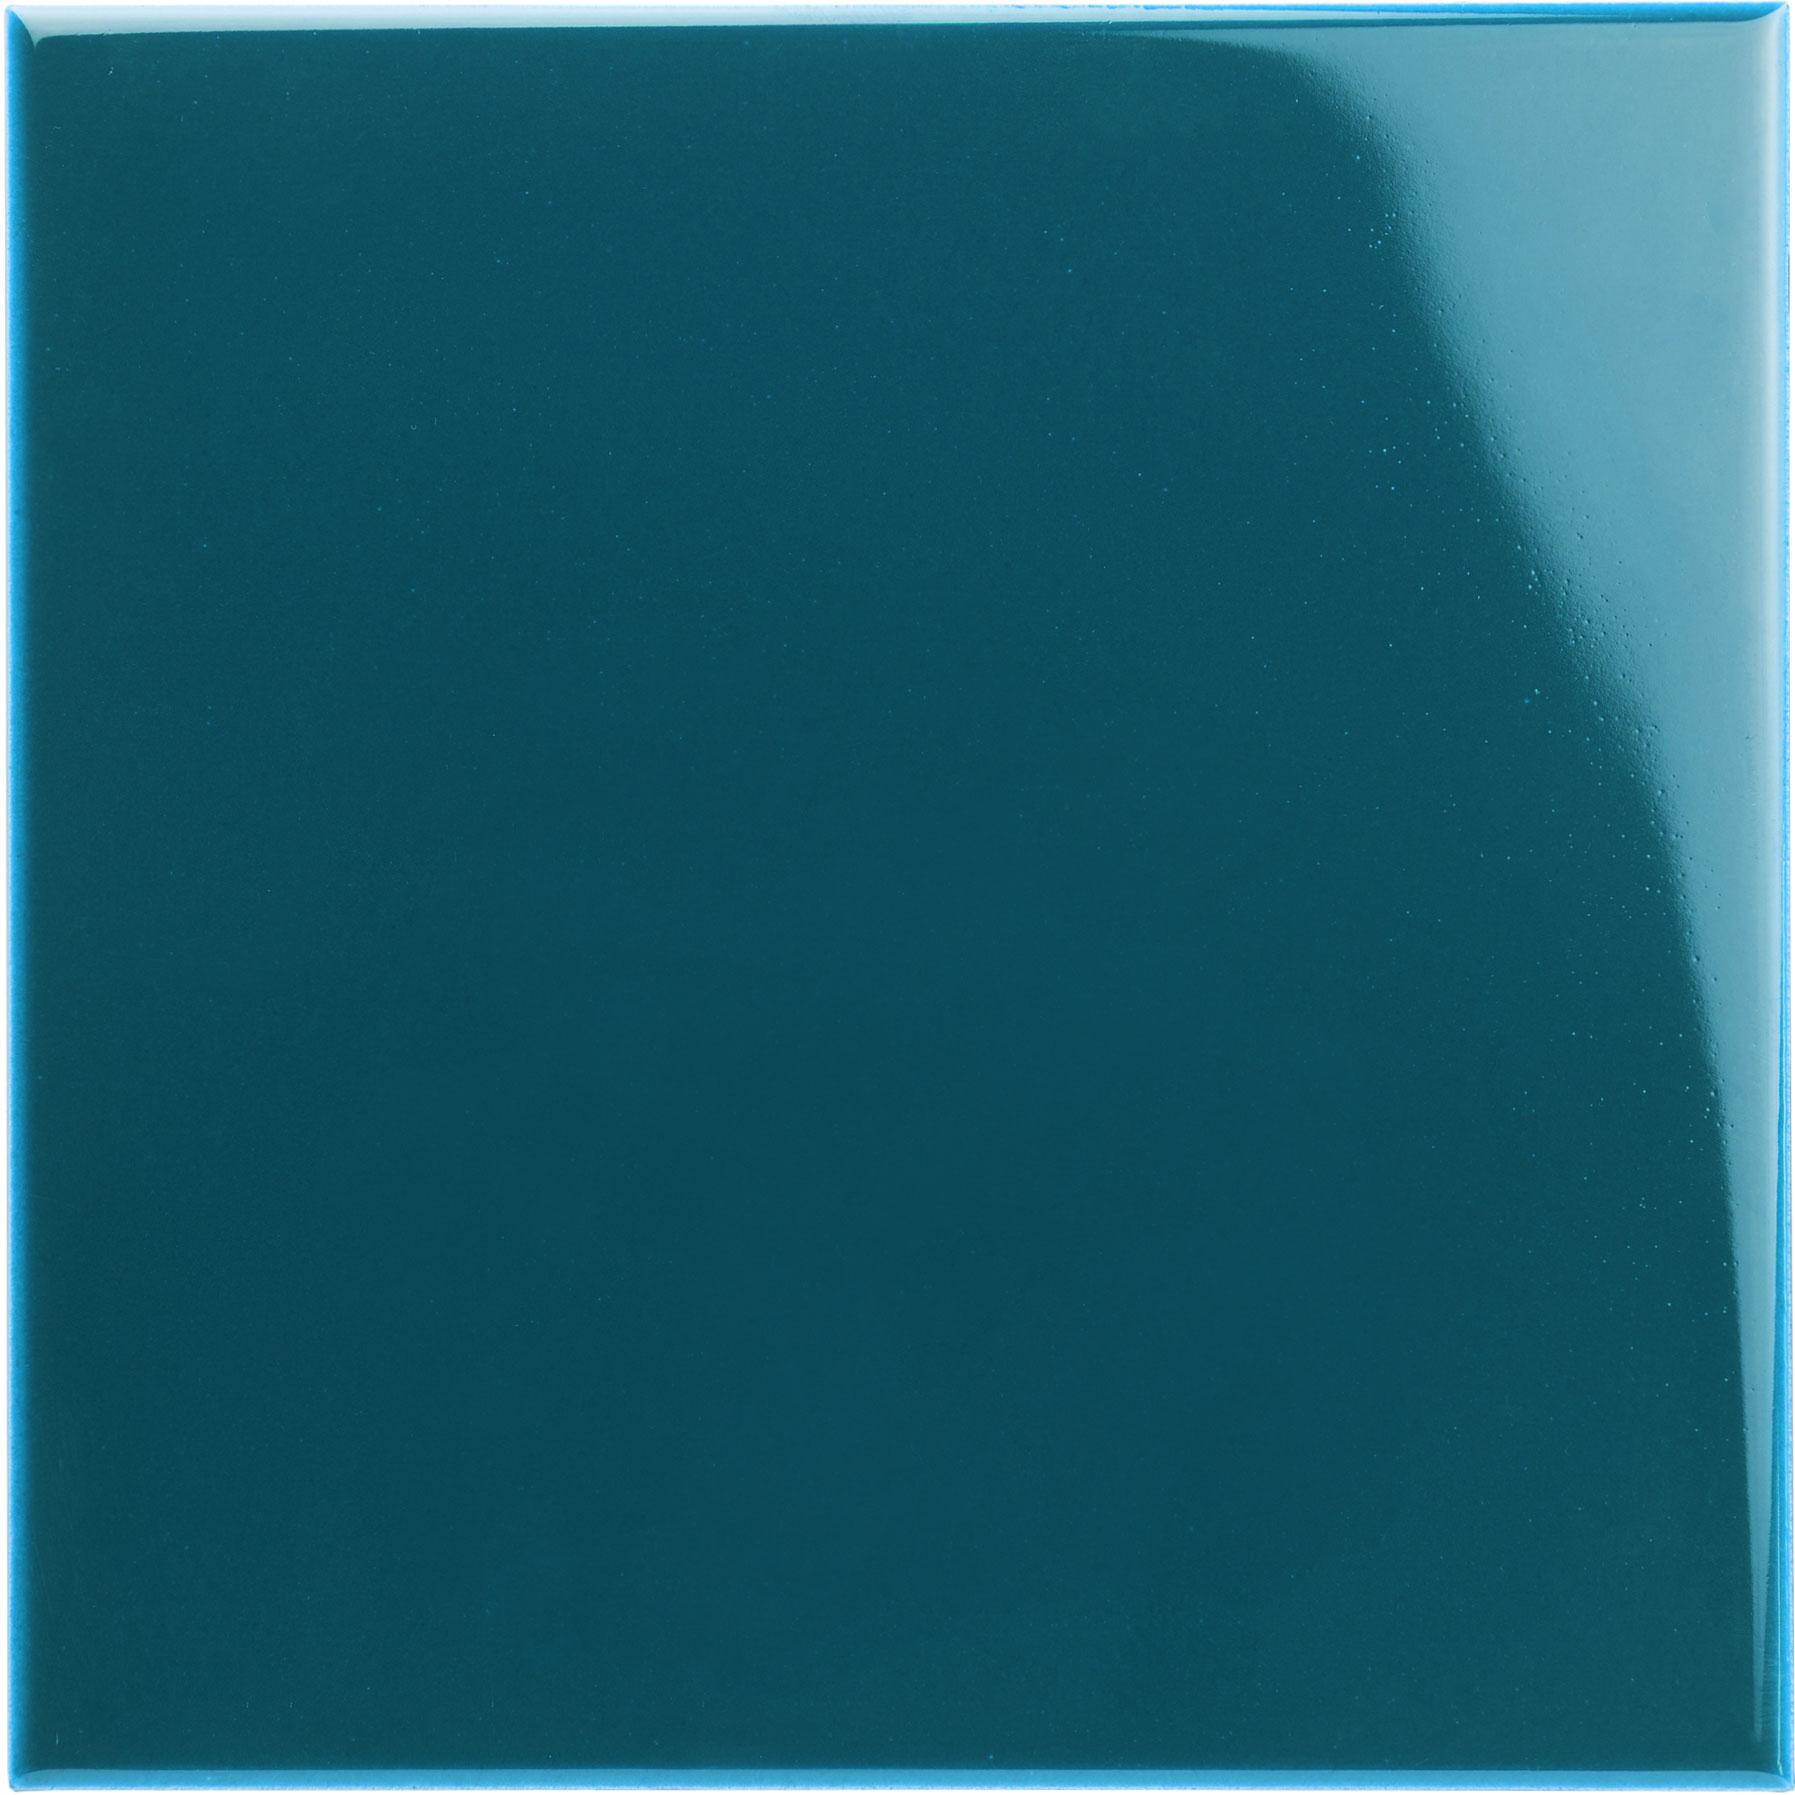 Baroque Blue - blått kakel